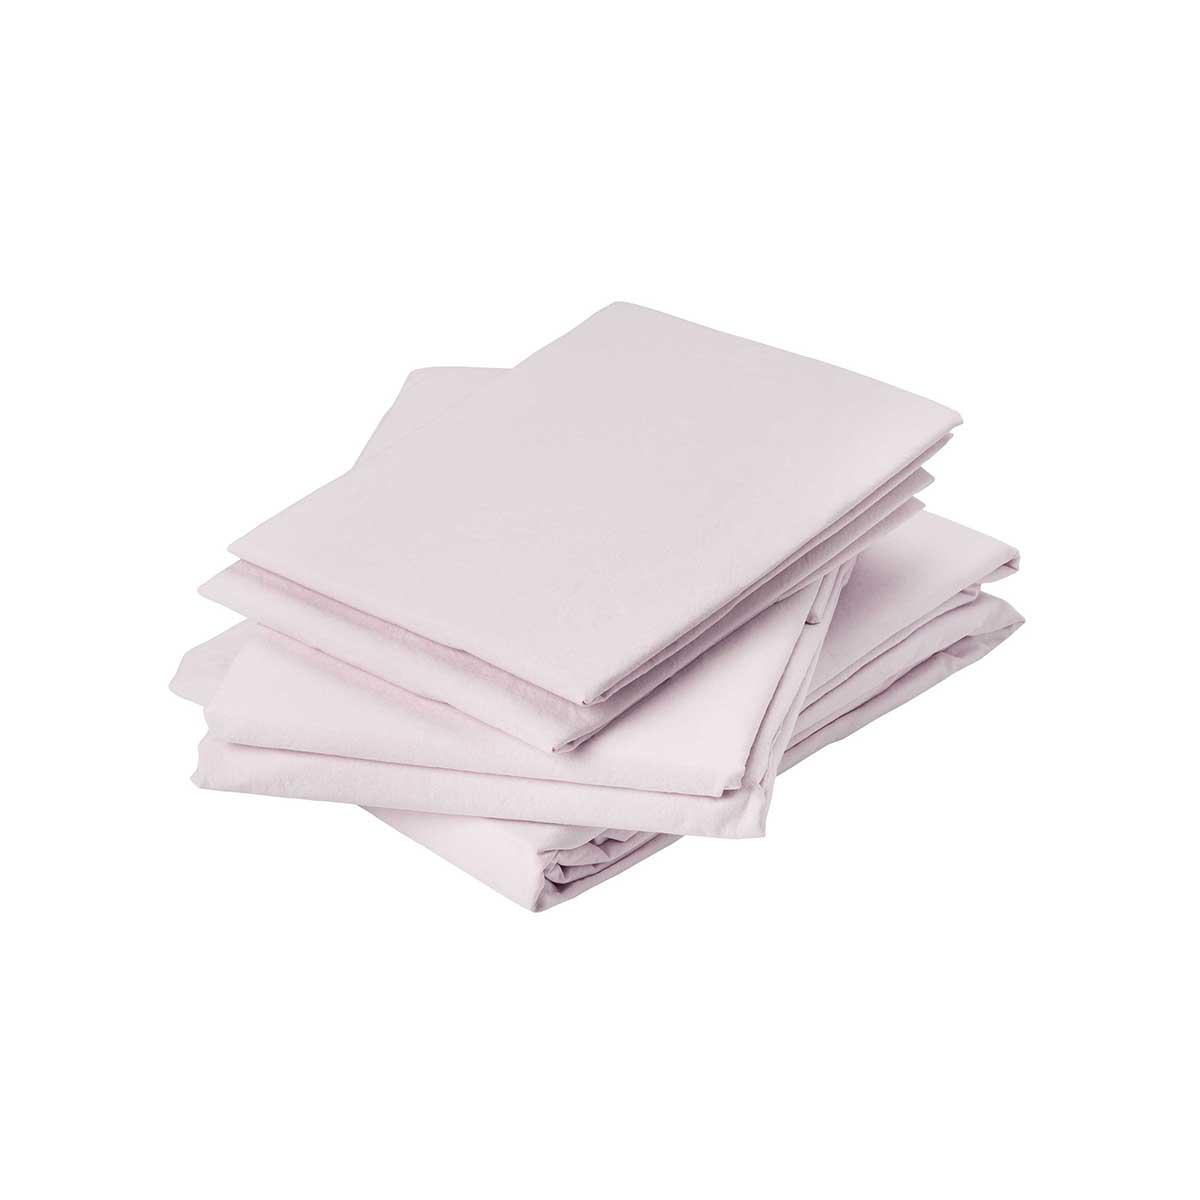 Drap plat en coton lavé coton rose 290x180